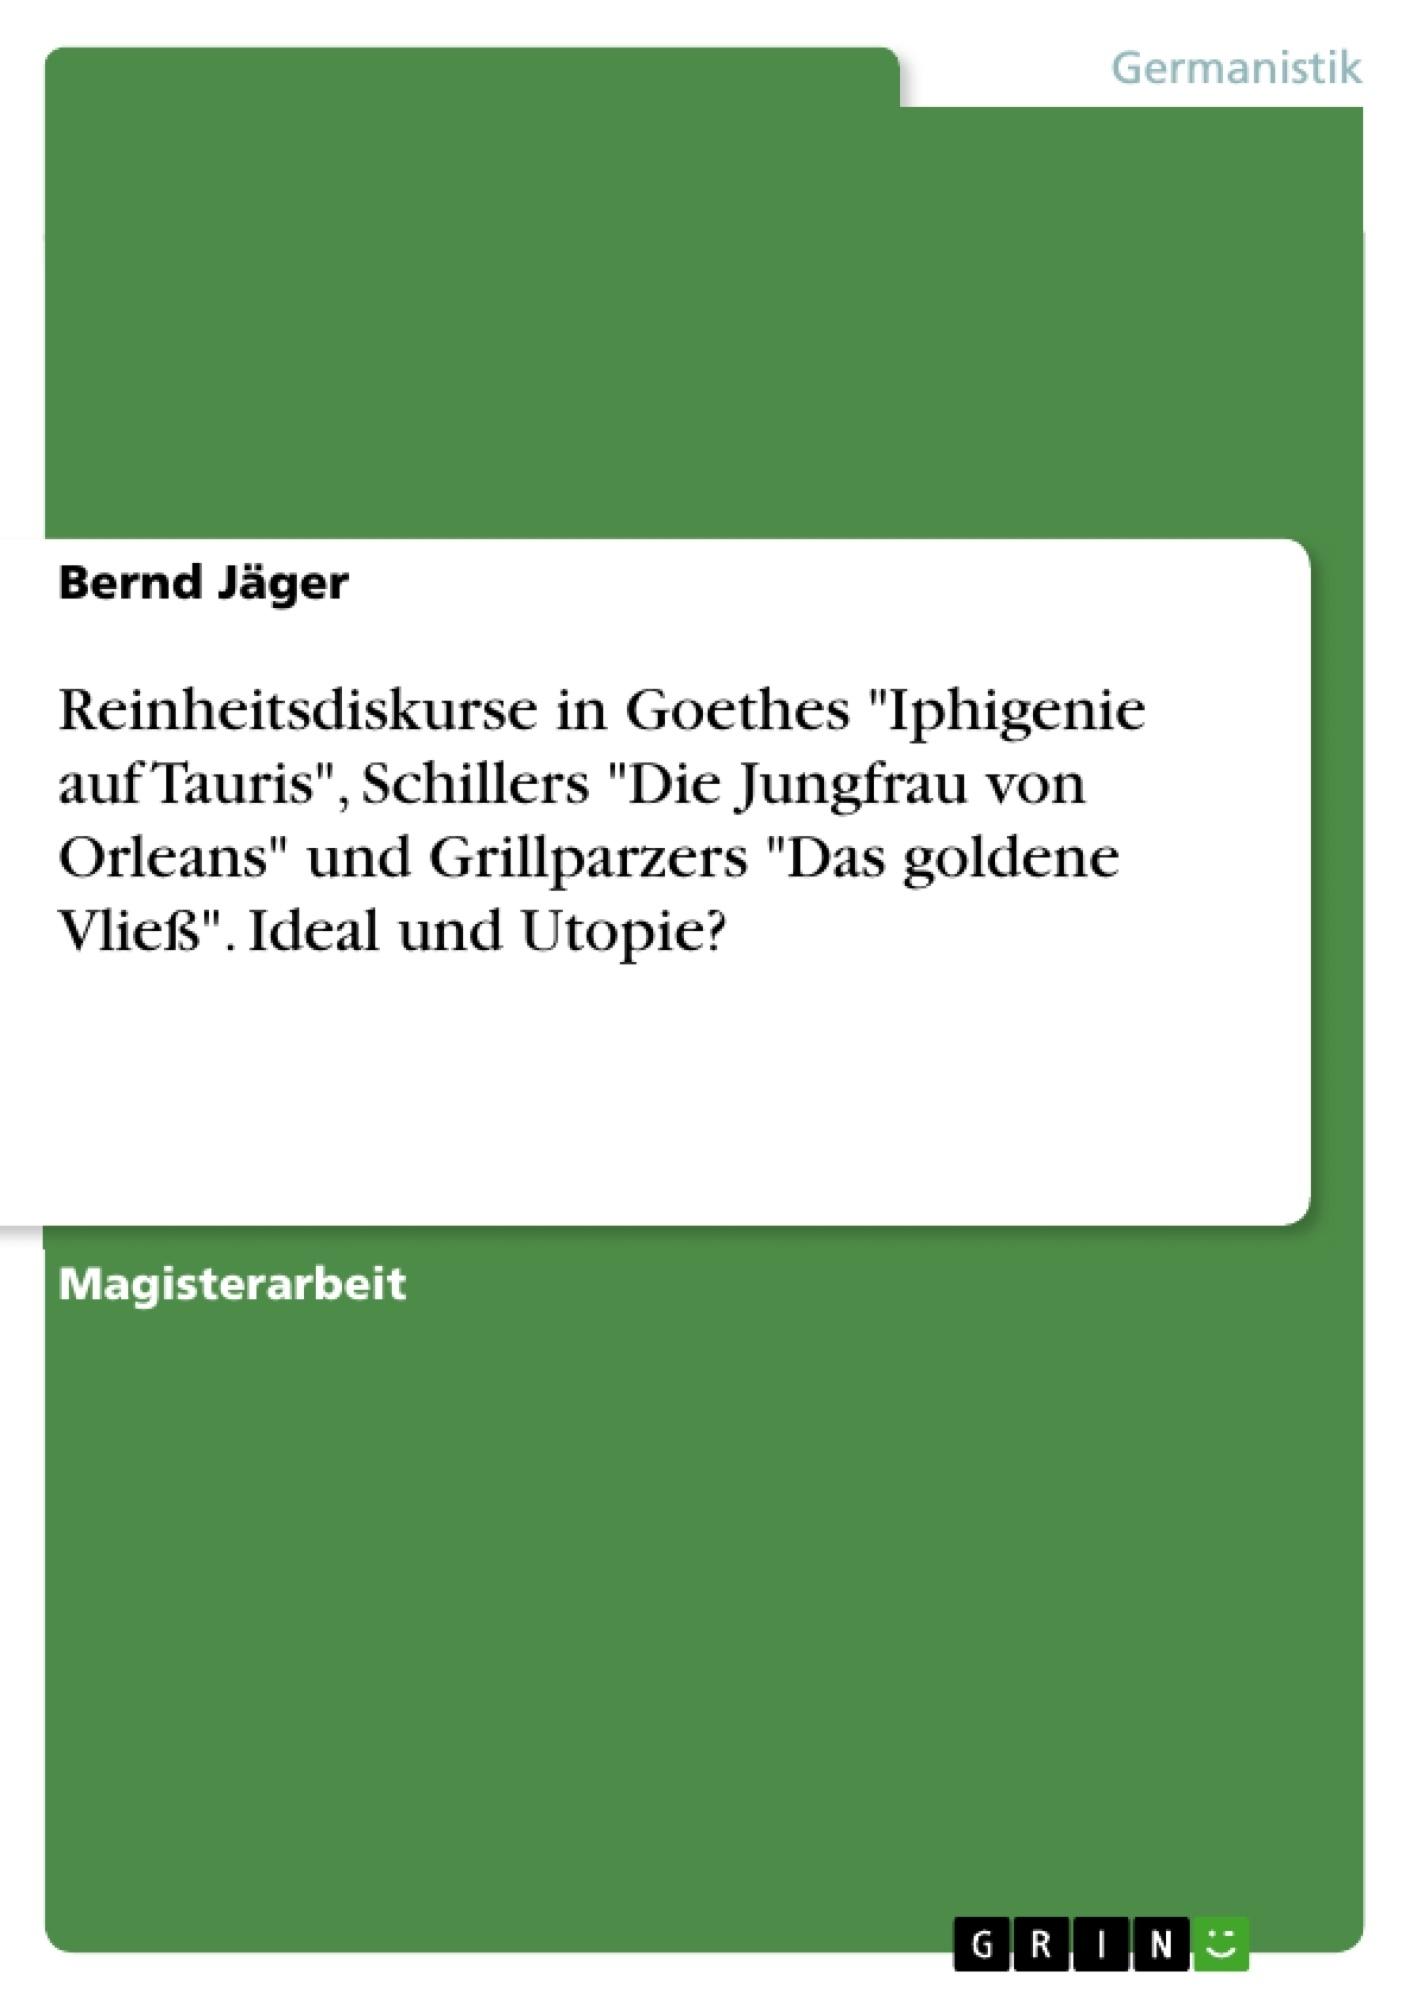 """Titel: Reinheitsdiskurse in Goethes """"Iphigenie auf Tauris"""", Schillers """"Die Jungfrau von Orleans"""" und Grillparzers """"Das goldene Vließ"""". Ideal  und Utopie?"""